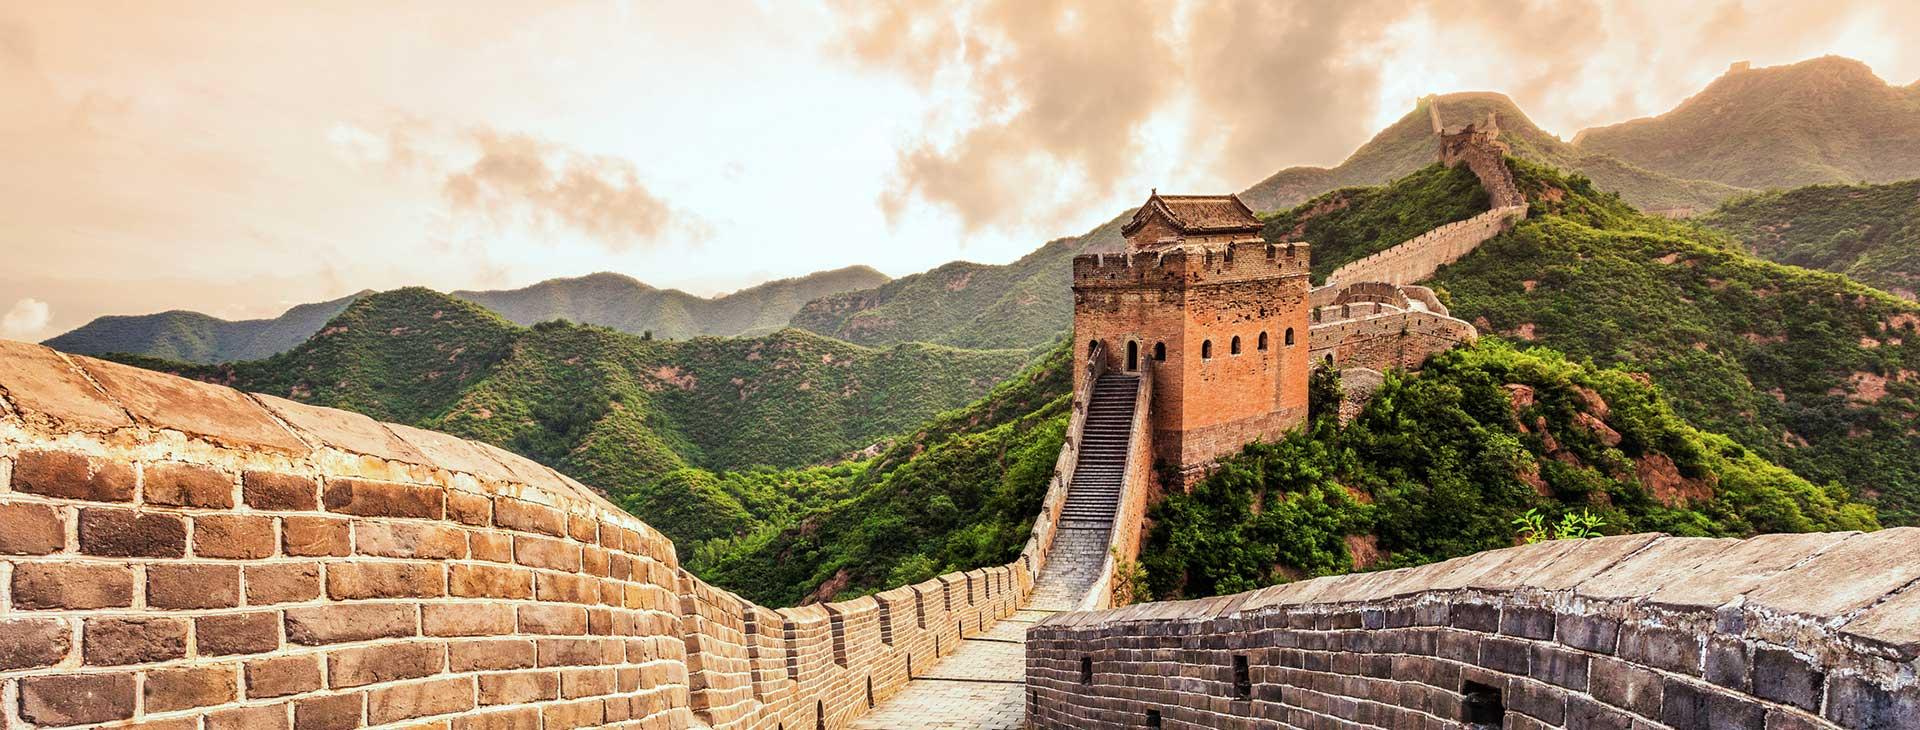 wycieczka objazdowa Chiny - W Krainie Złotego Smoka